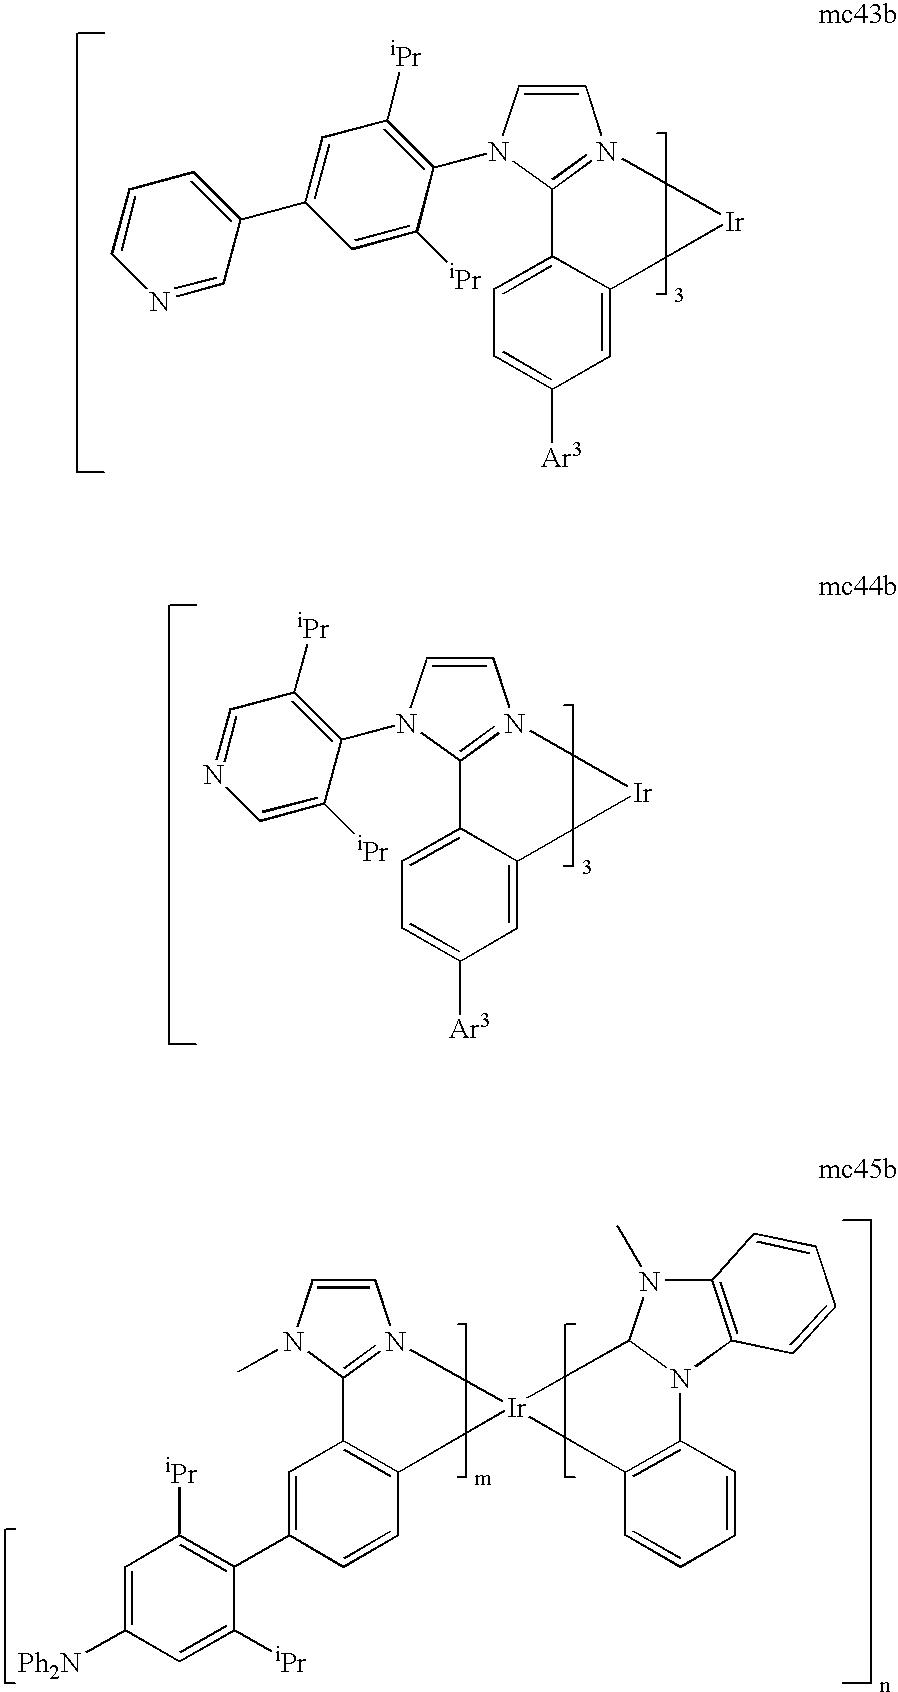 Figure US20070088167A1-20070419-C00021